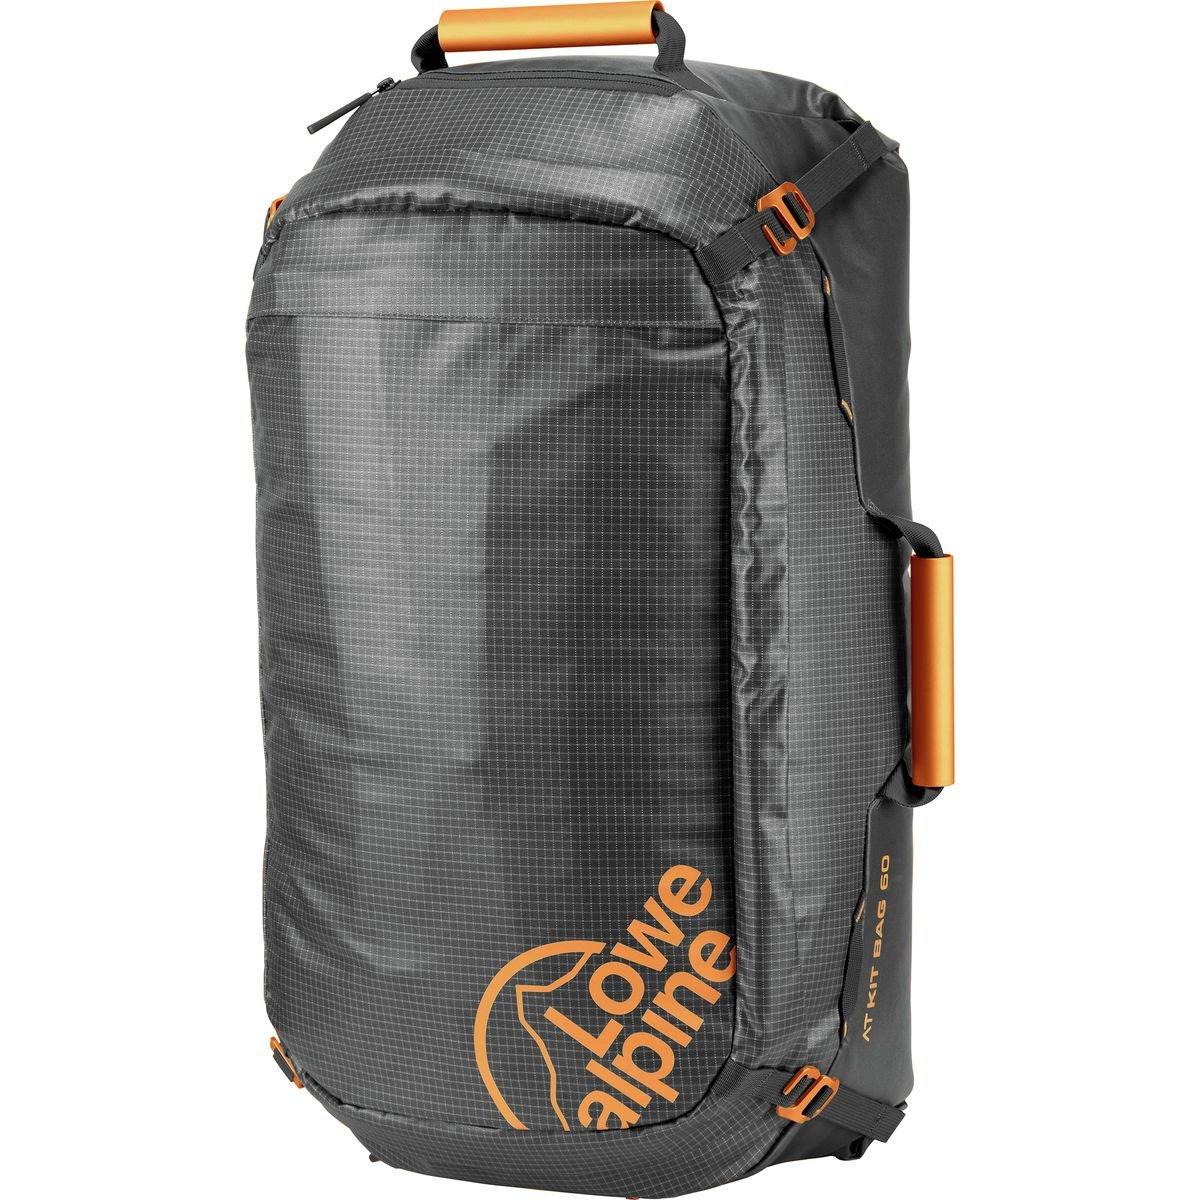 [ロエアルピン] メンズ ボストンバッグ AT Kit 60L Duffel [並行輸入品] No-Size  B079FZC4W2